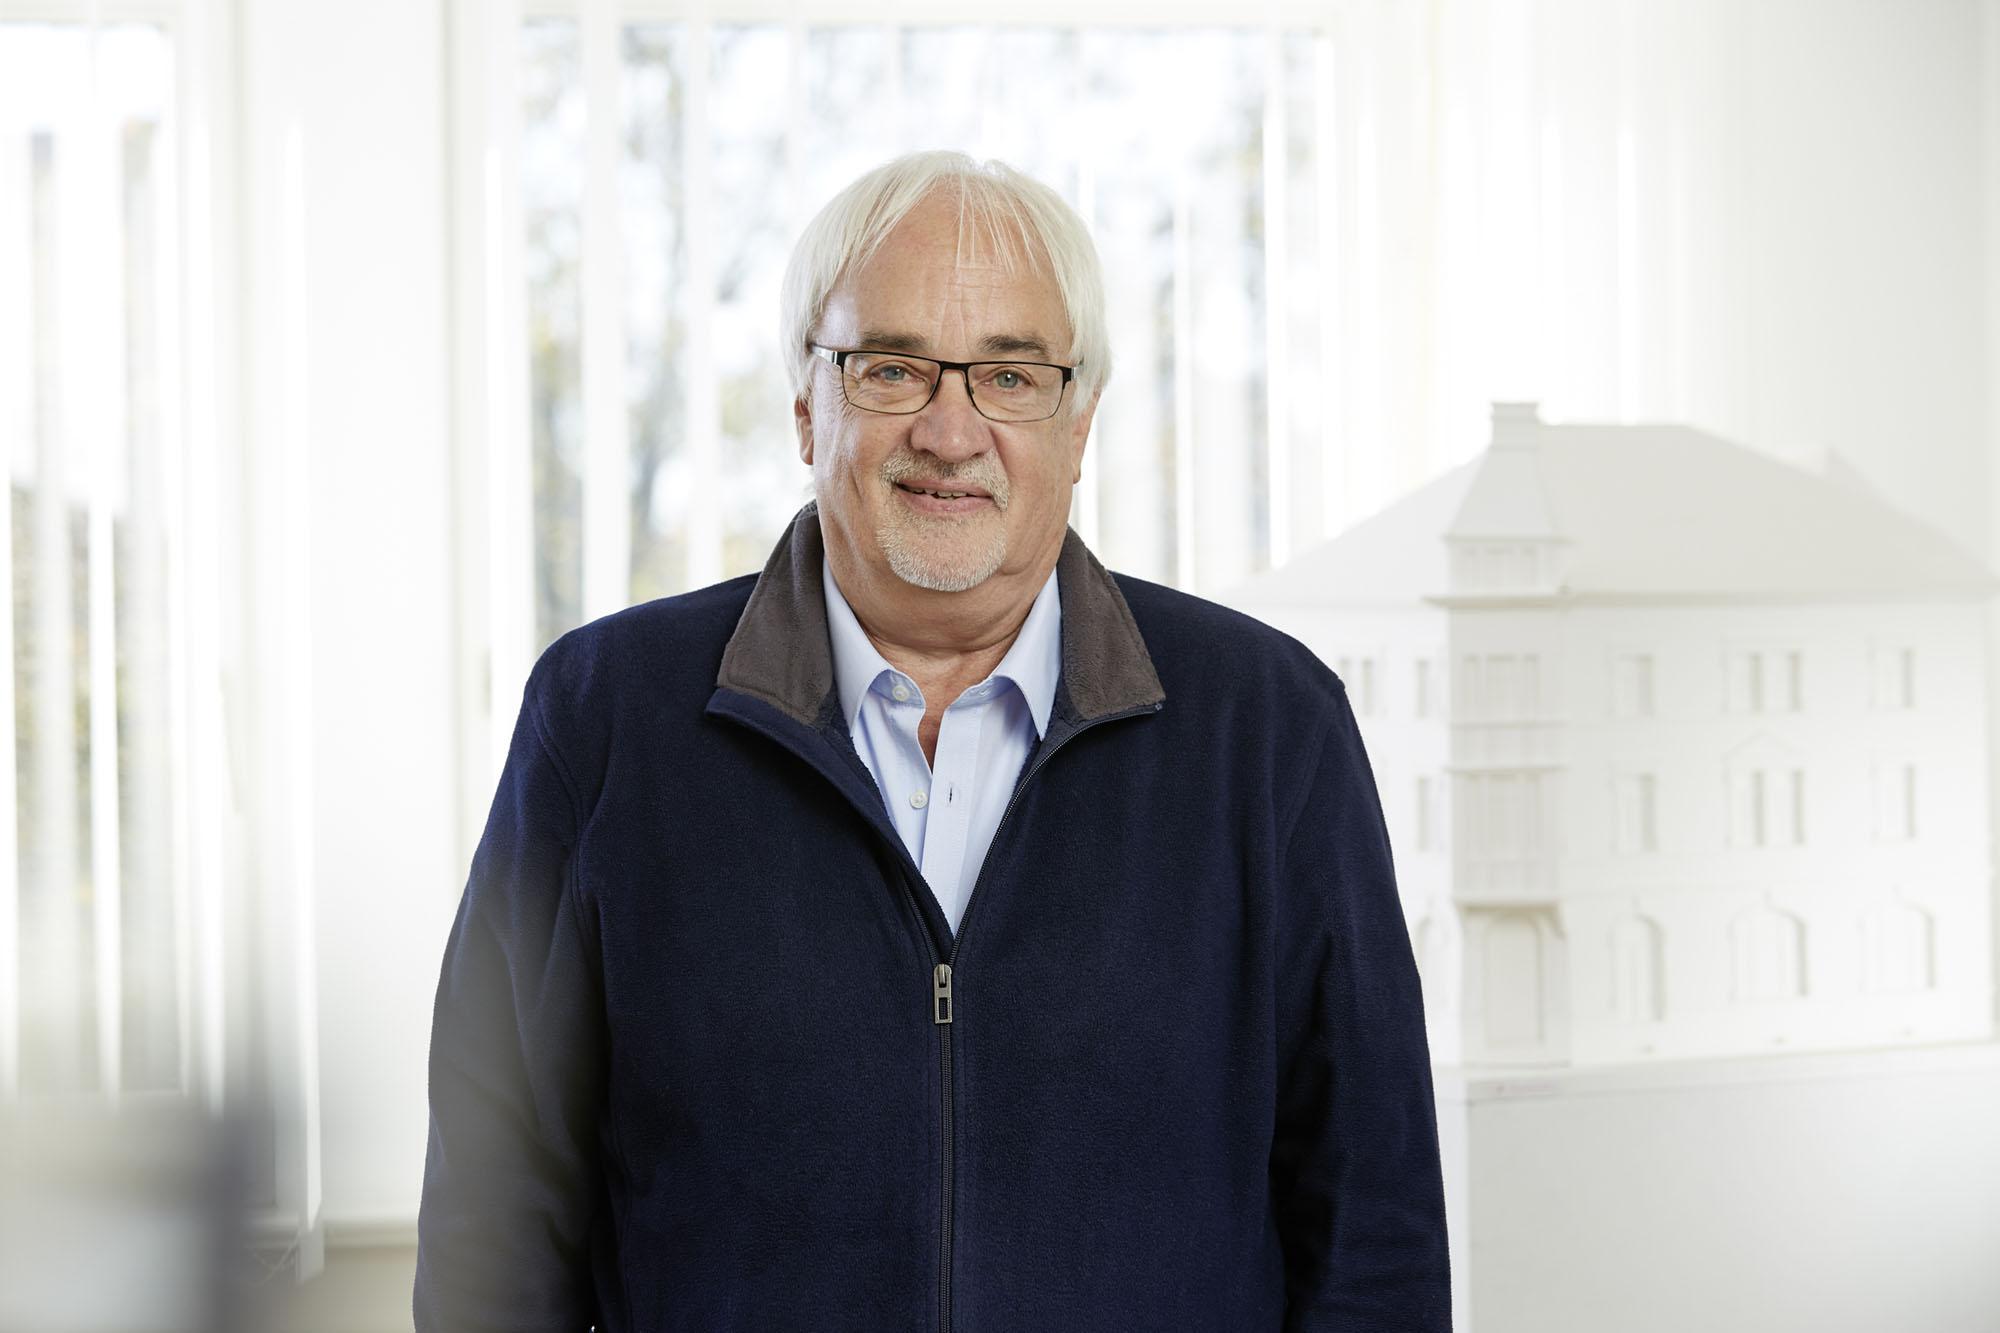 Dieter Schmitt